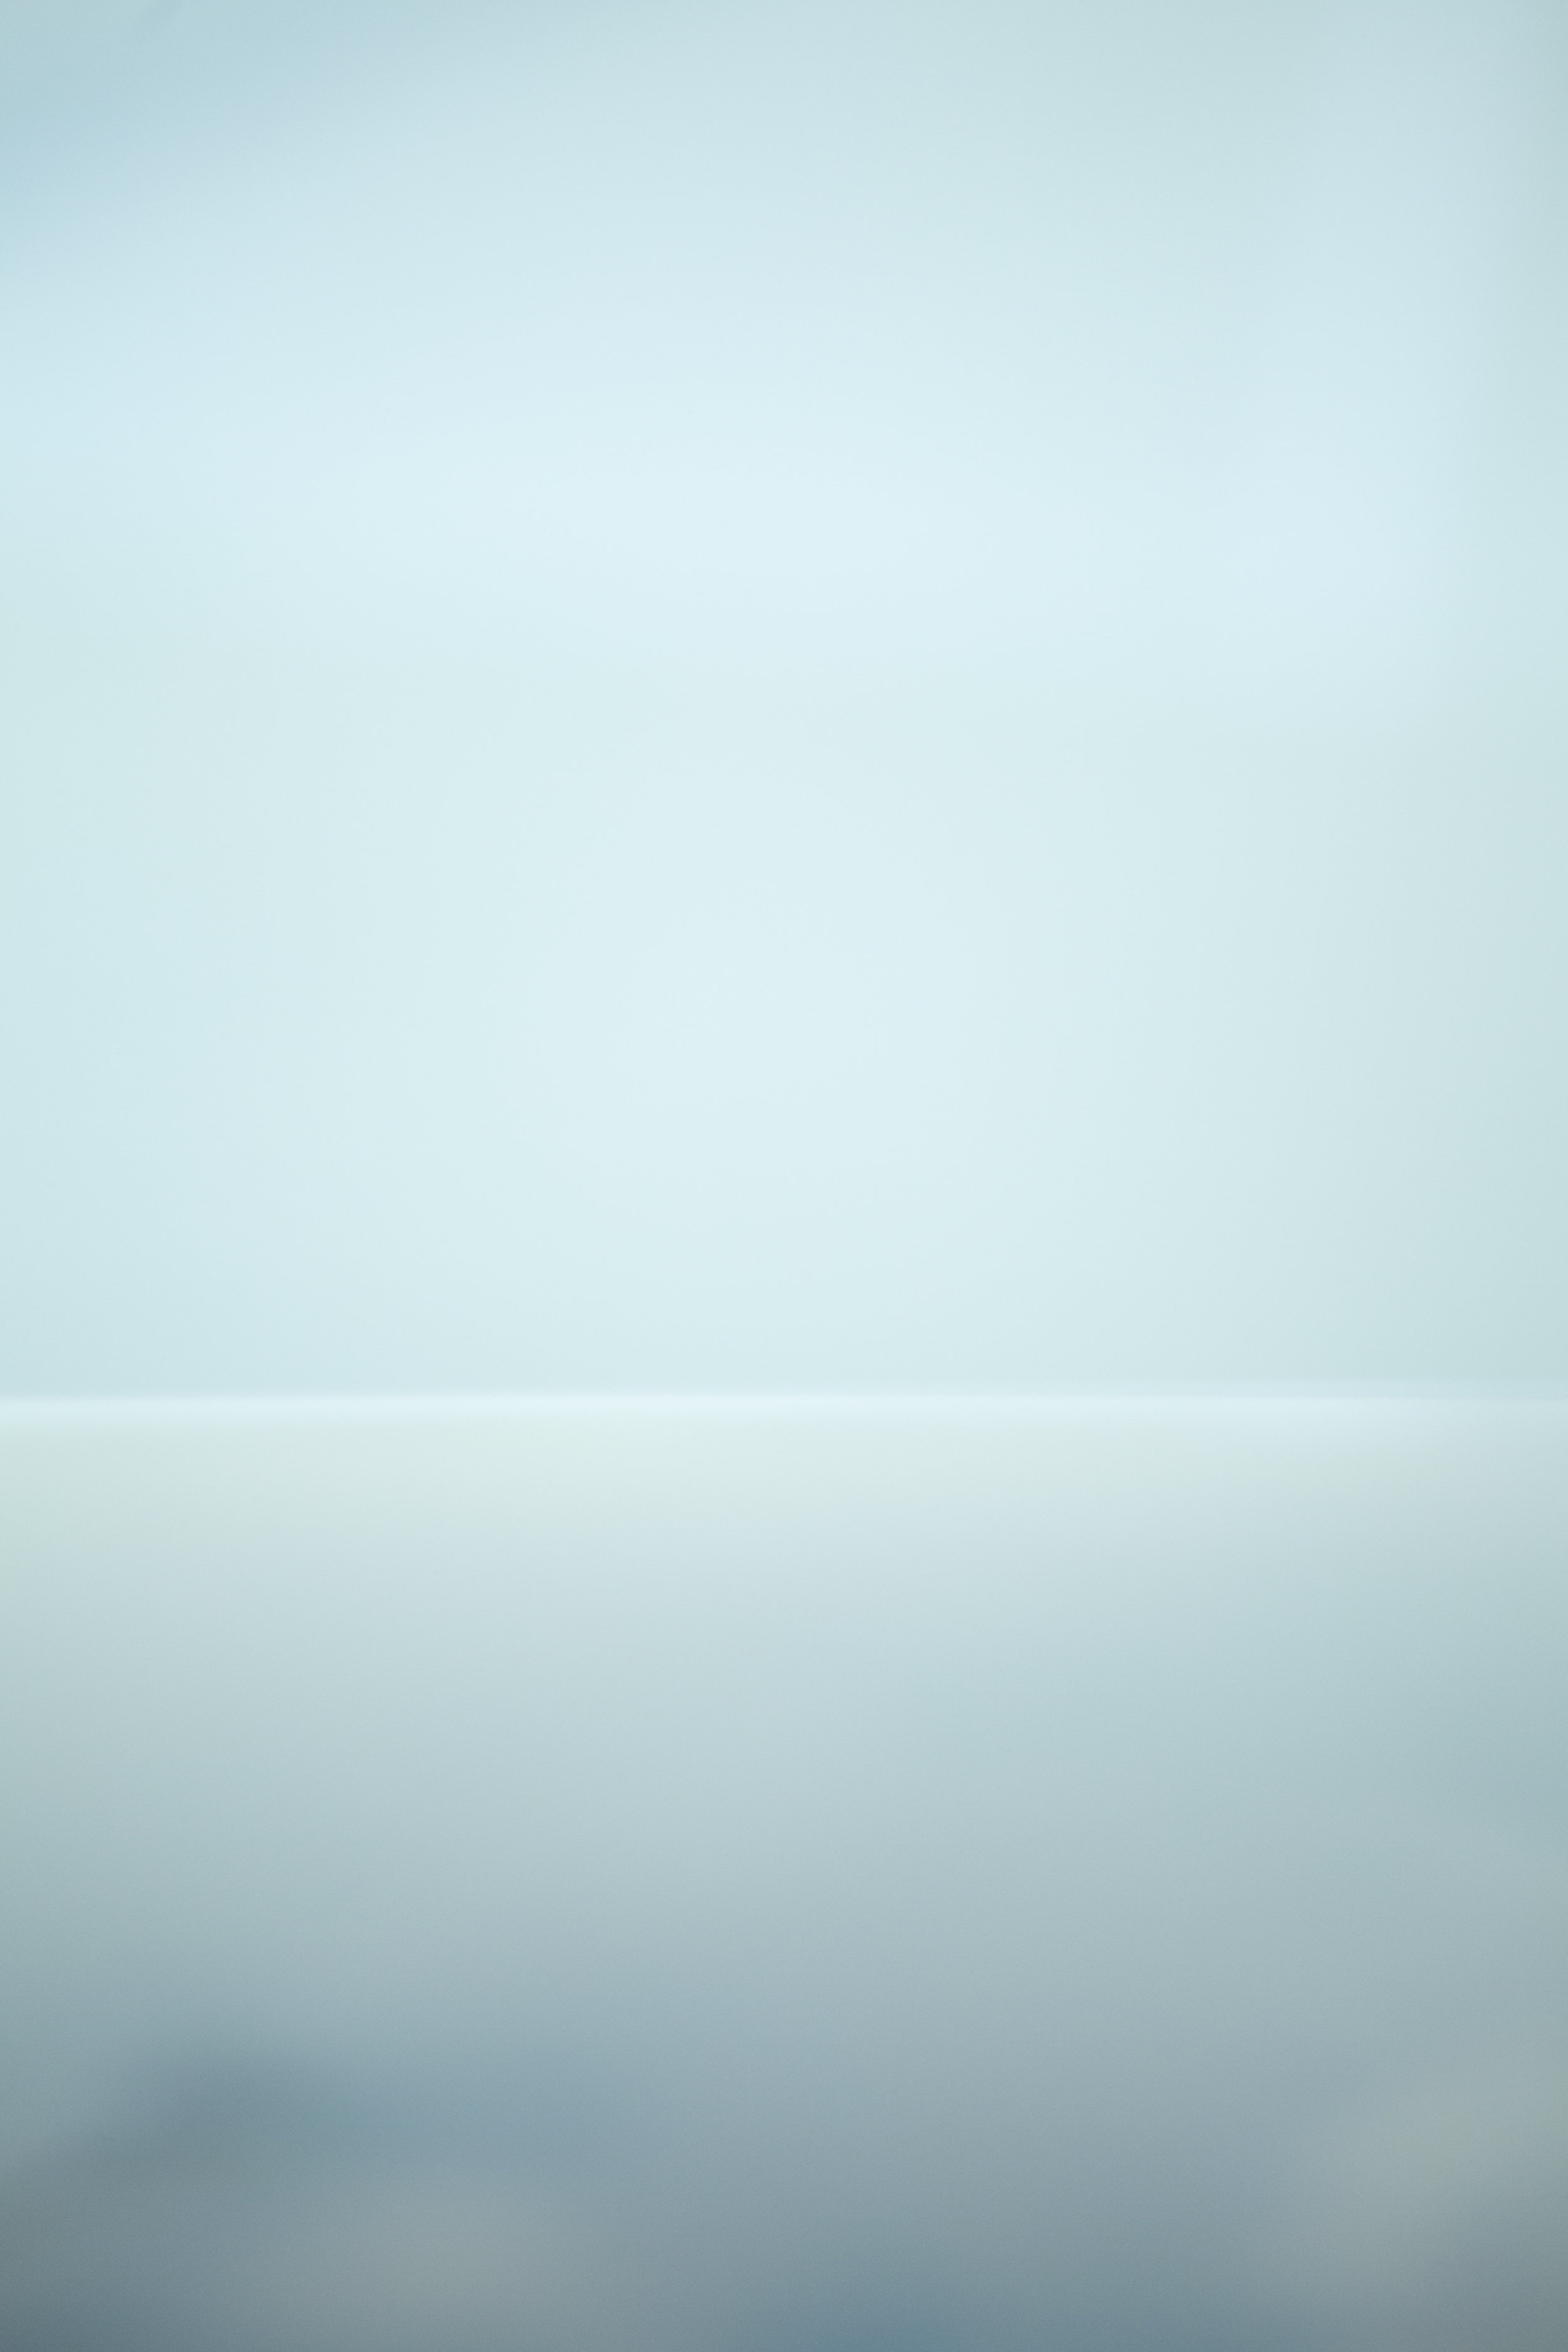 horizons_intense_4.jpg